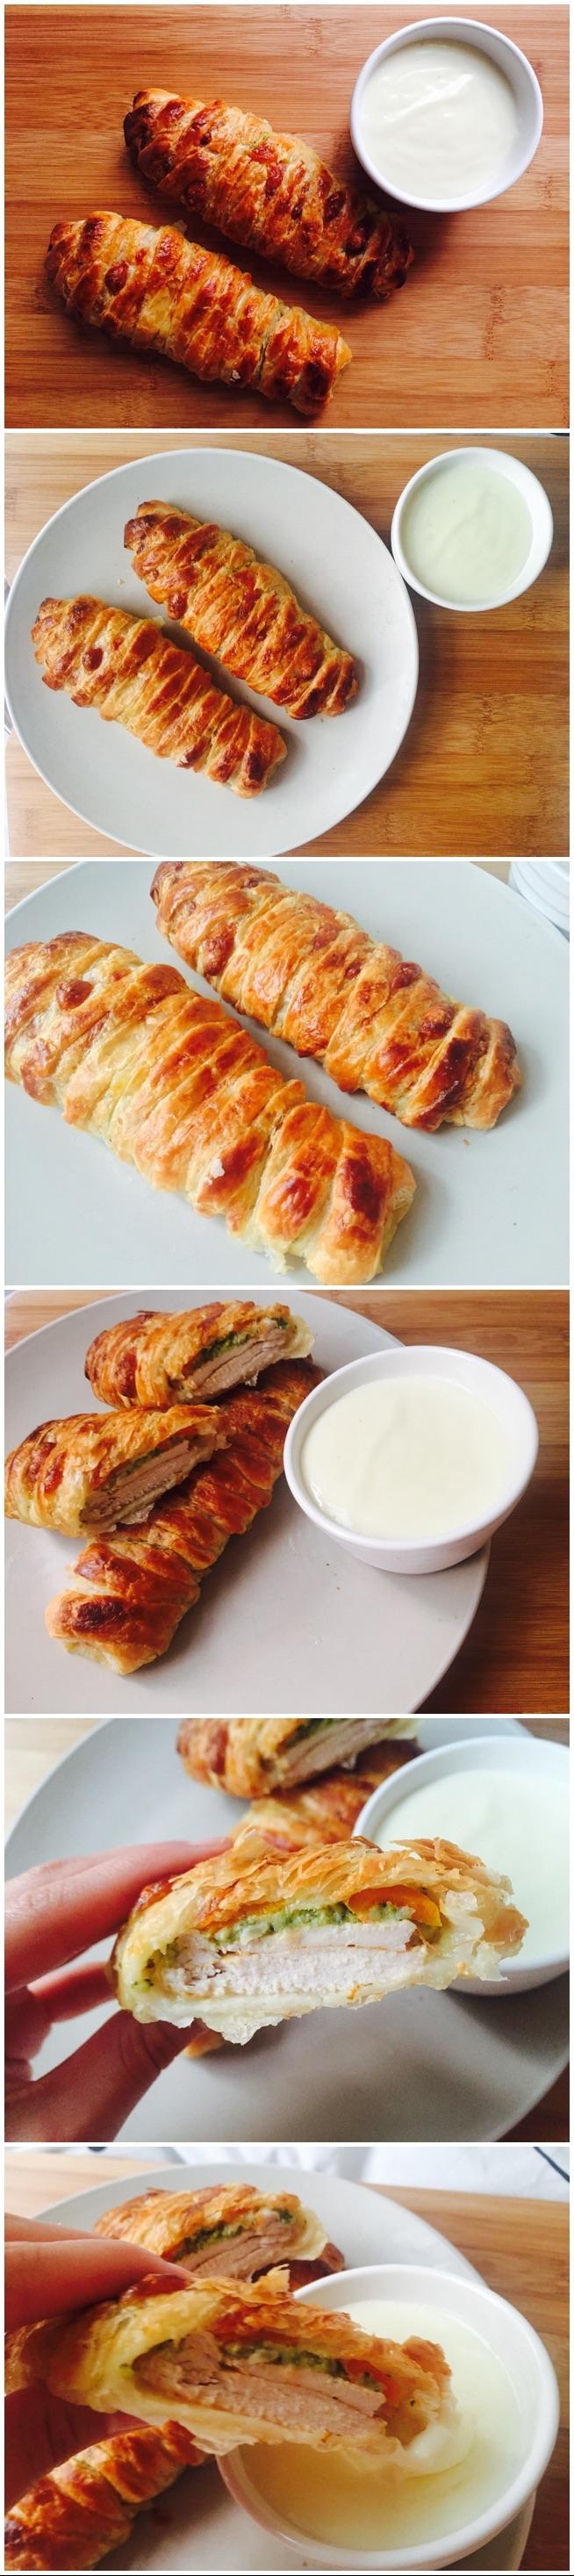 Zawijane ciasto francuskie z filetem z piersi kurczaka, brokułem, marchewką i mozzarellą! Pyszne i łatwe w przygotowaniu, a za to bardzoo efektowne. Jeżeli jeszcze tego nie probowałaś to szybko musisz to nadrobić!** Zapraszam do obejrzenia filmiku, w którym pokazuję jak zrobić to cudo ** link z przepisem w komentarzu!